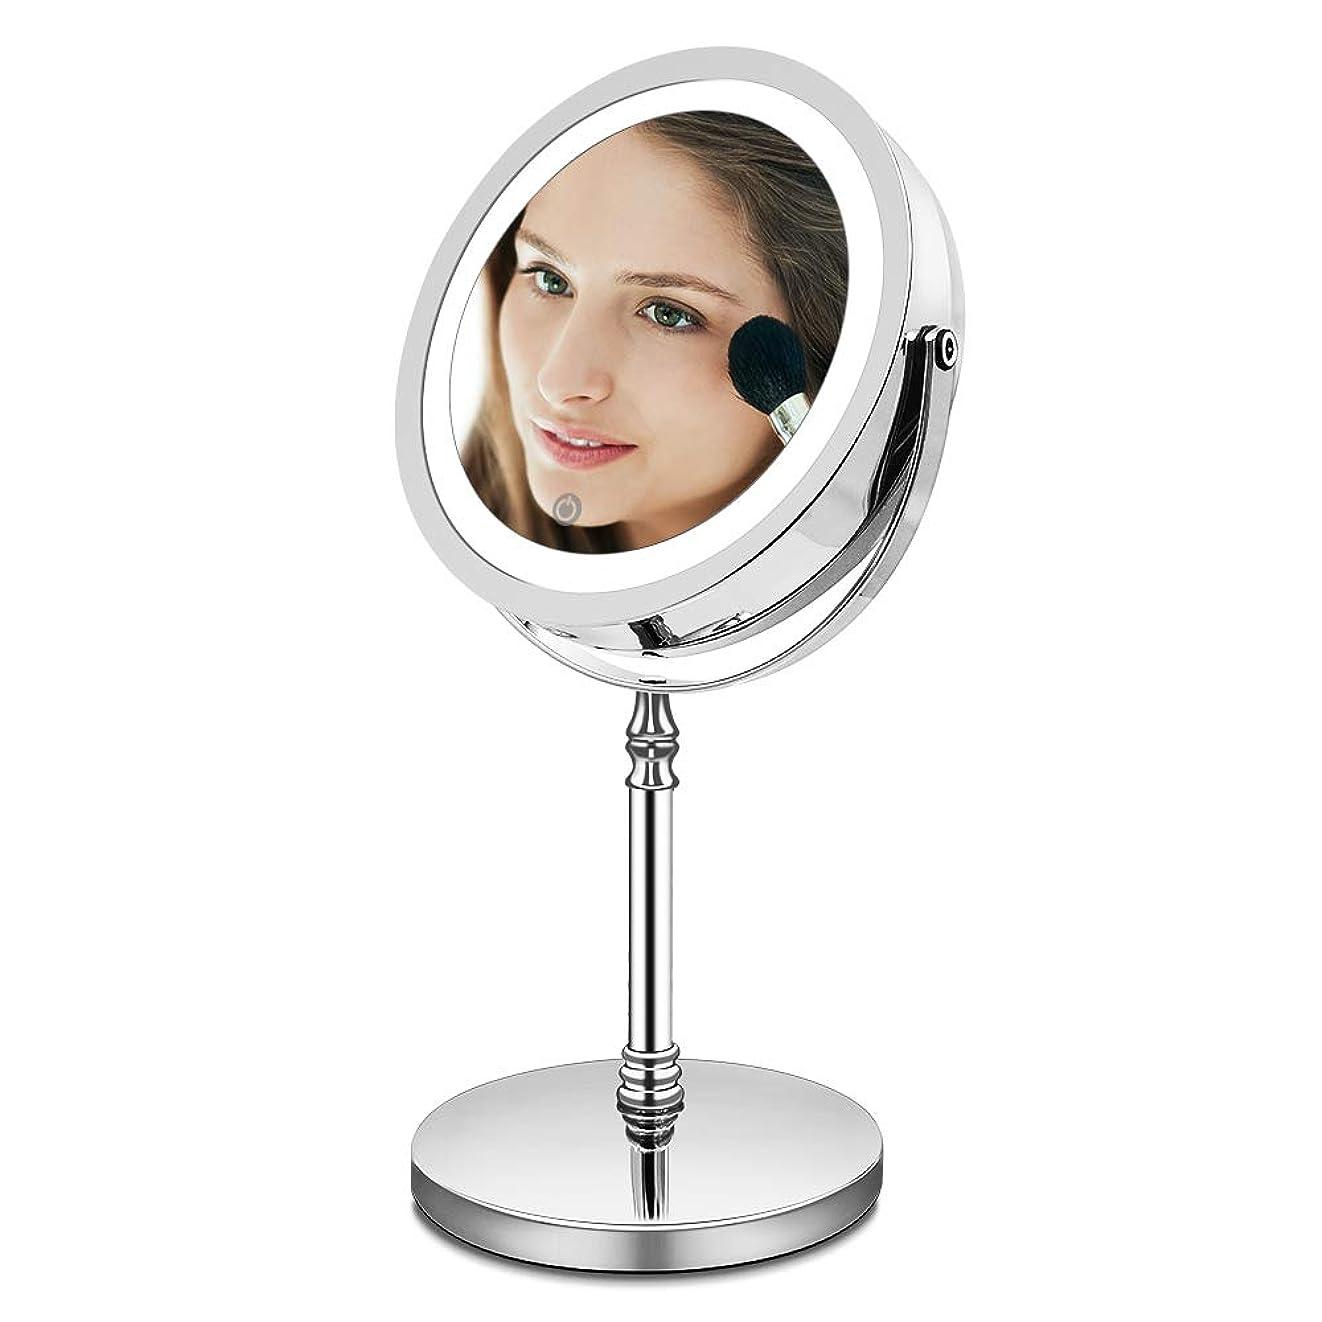 人工パーツピジンAMZTOLIFE 10倍拡大鏡+等倍鏡 化粧鏡 ライト付き 卓上鏡 ミラー 鏡 化粧ミラー メイクアップミラー スタンドミラー 360度回転 明るさ調節 日本語取扱説明書付き (タイチー)